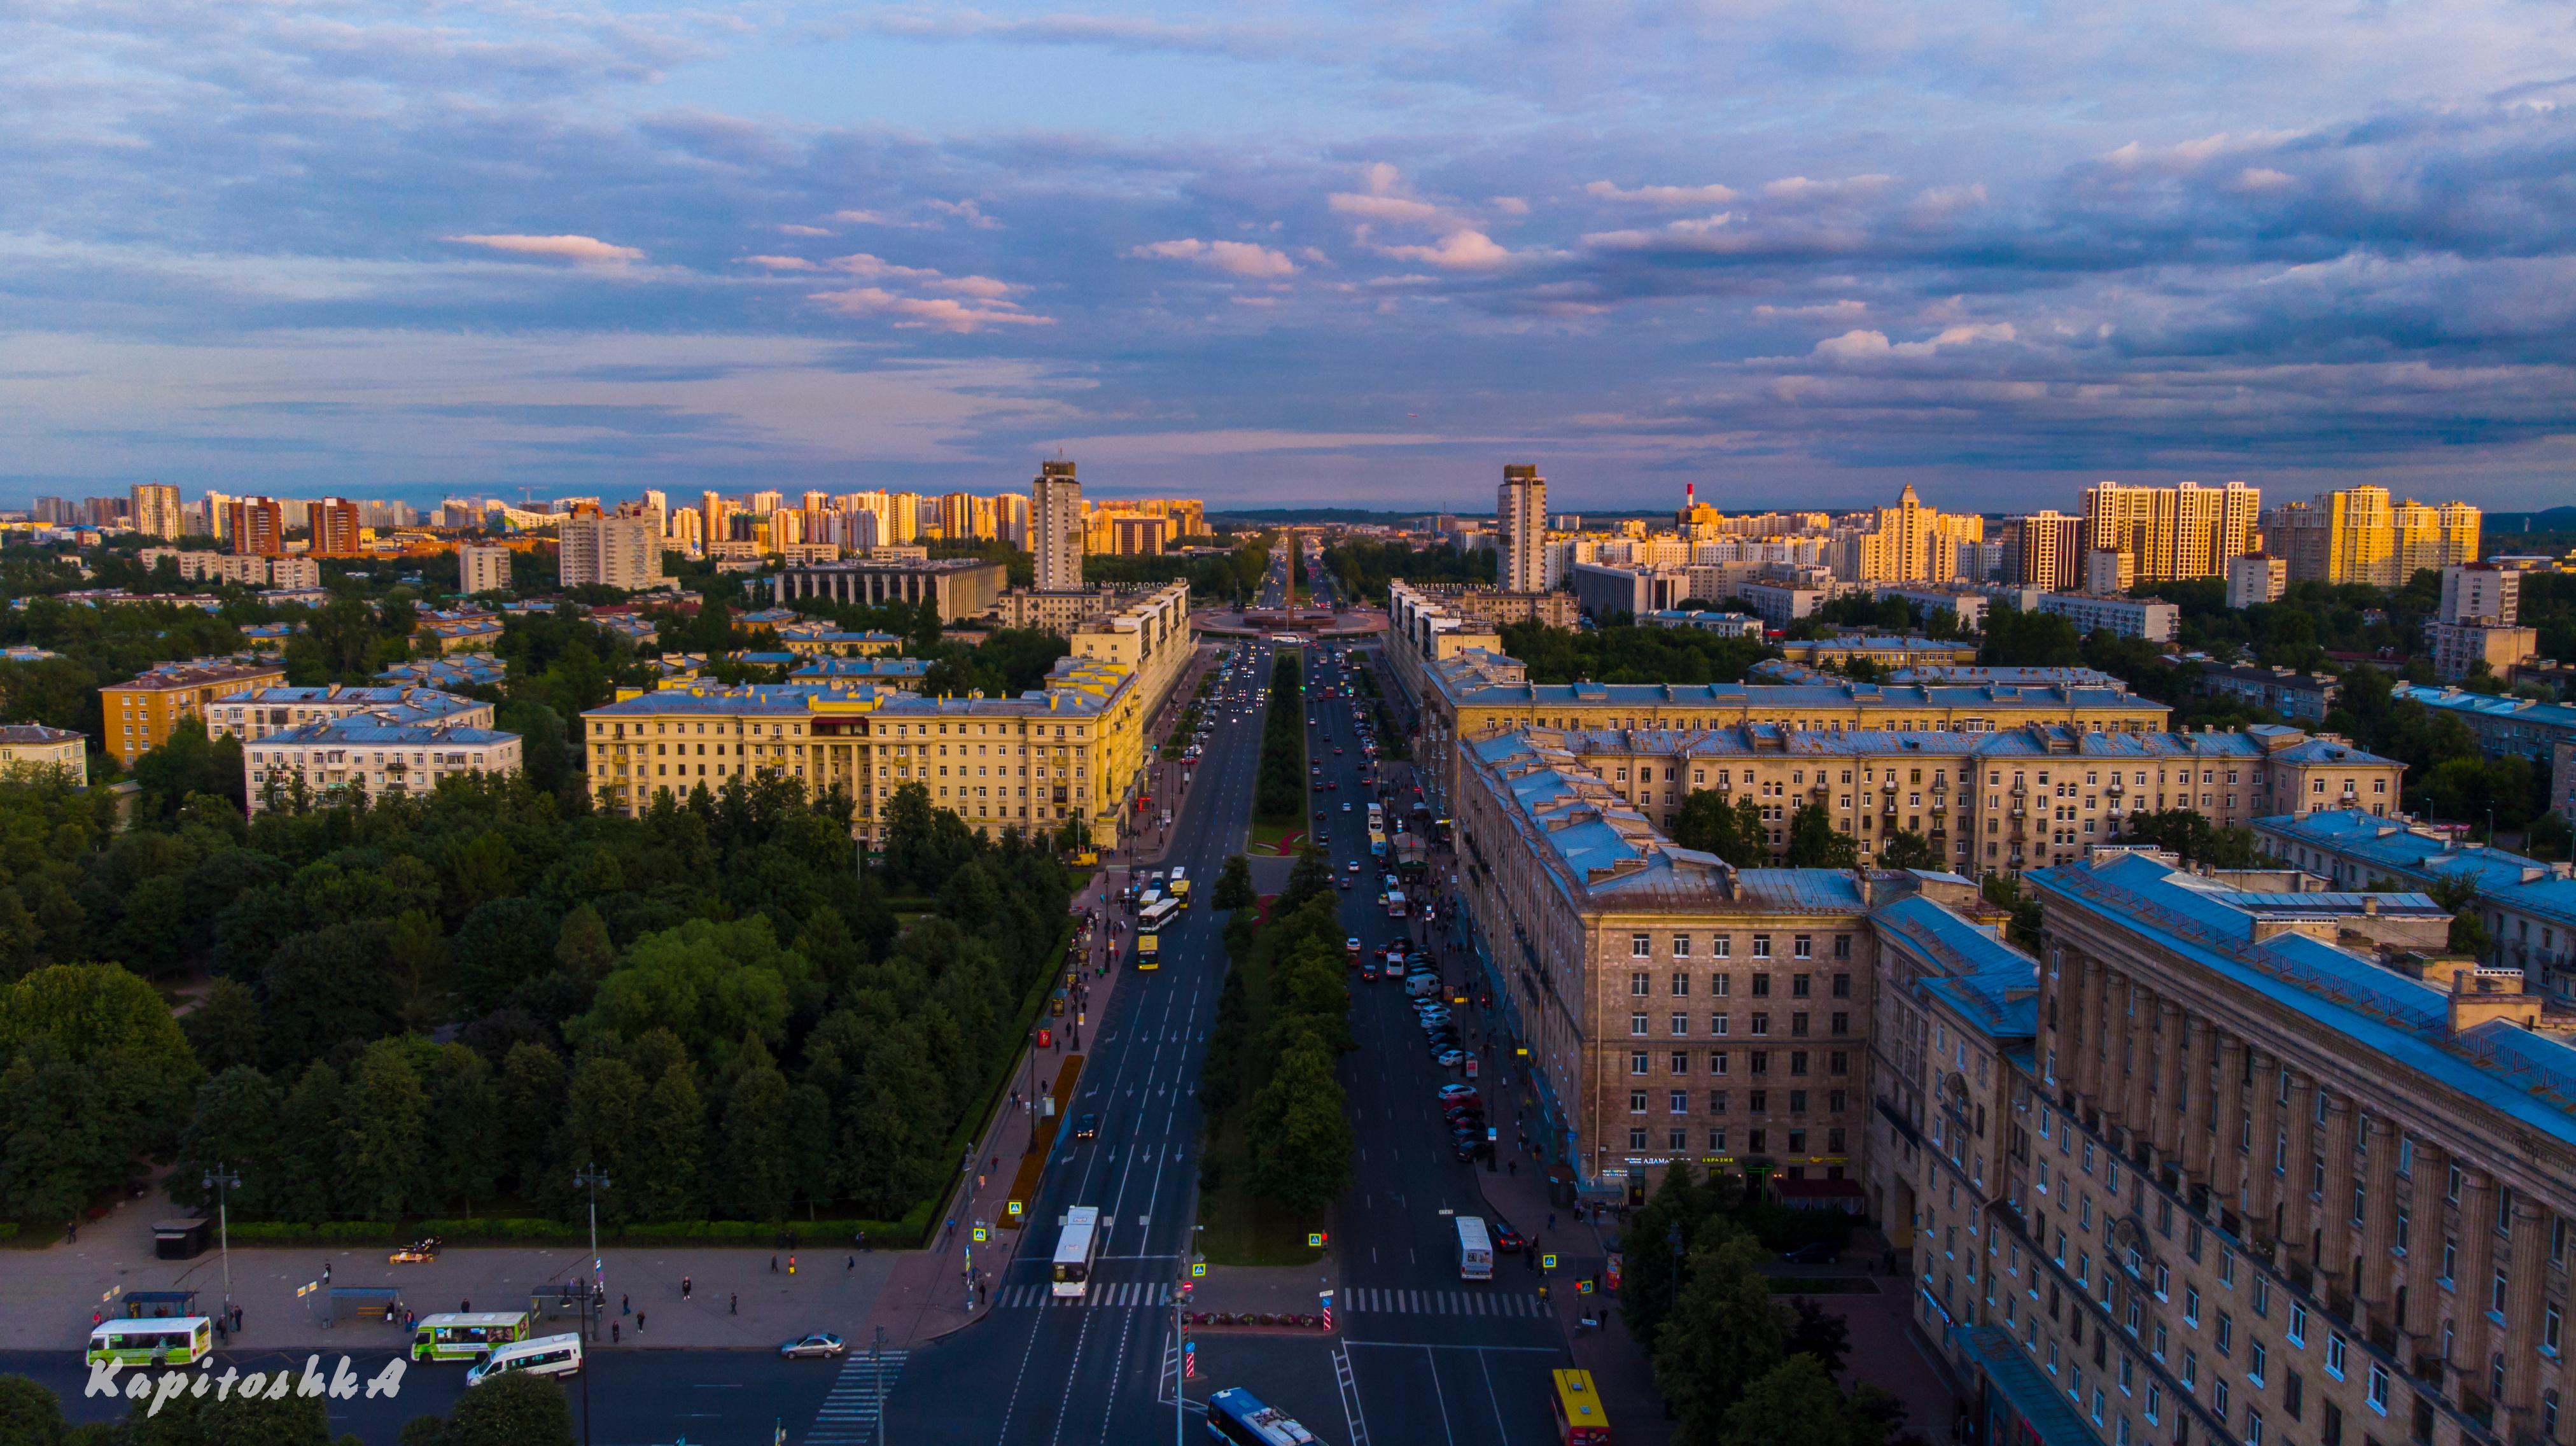 жидовская фото питер московский проспект высокого качества заливистых лугов, фантастических